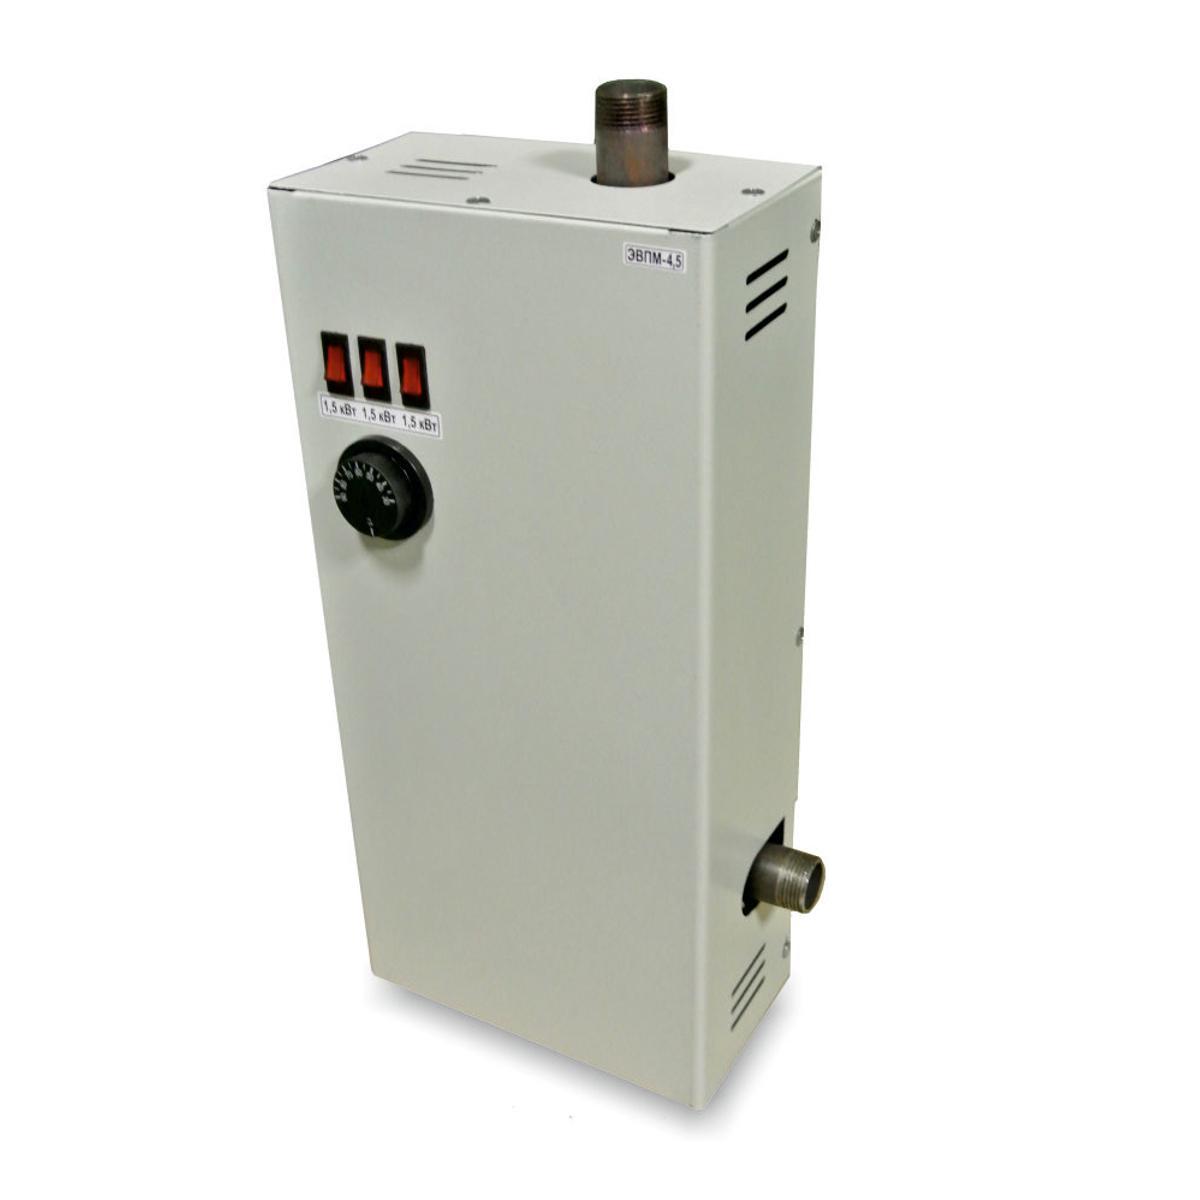 Купить Электрический котел УРАЛПРОМ ЭВПМ-4.5кВт (220В)